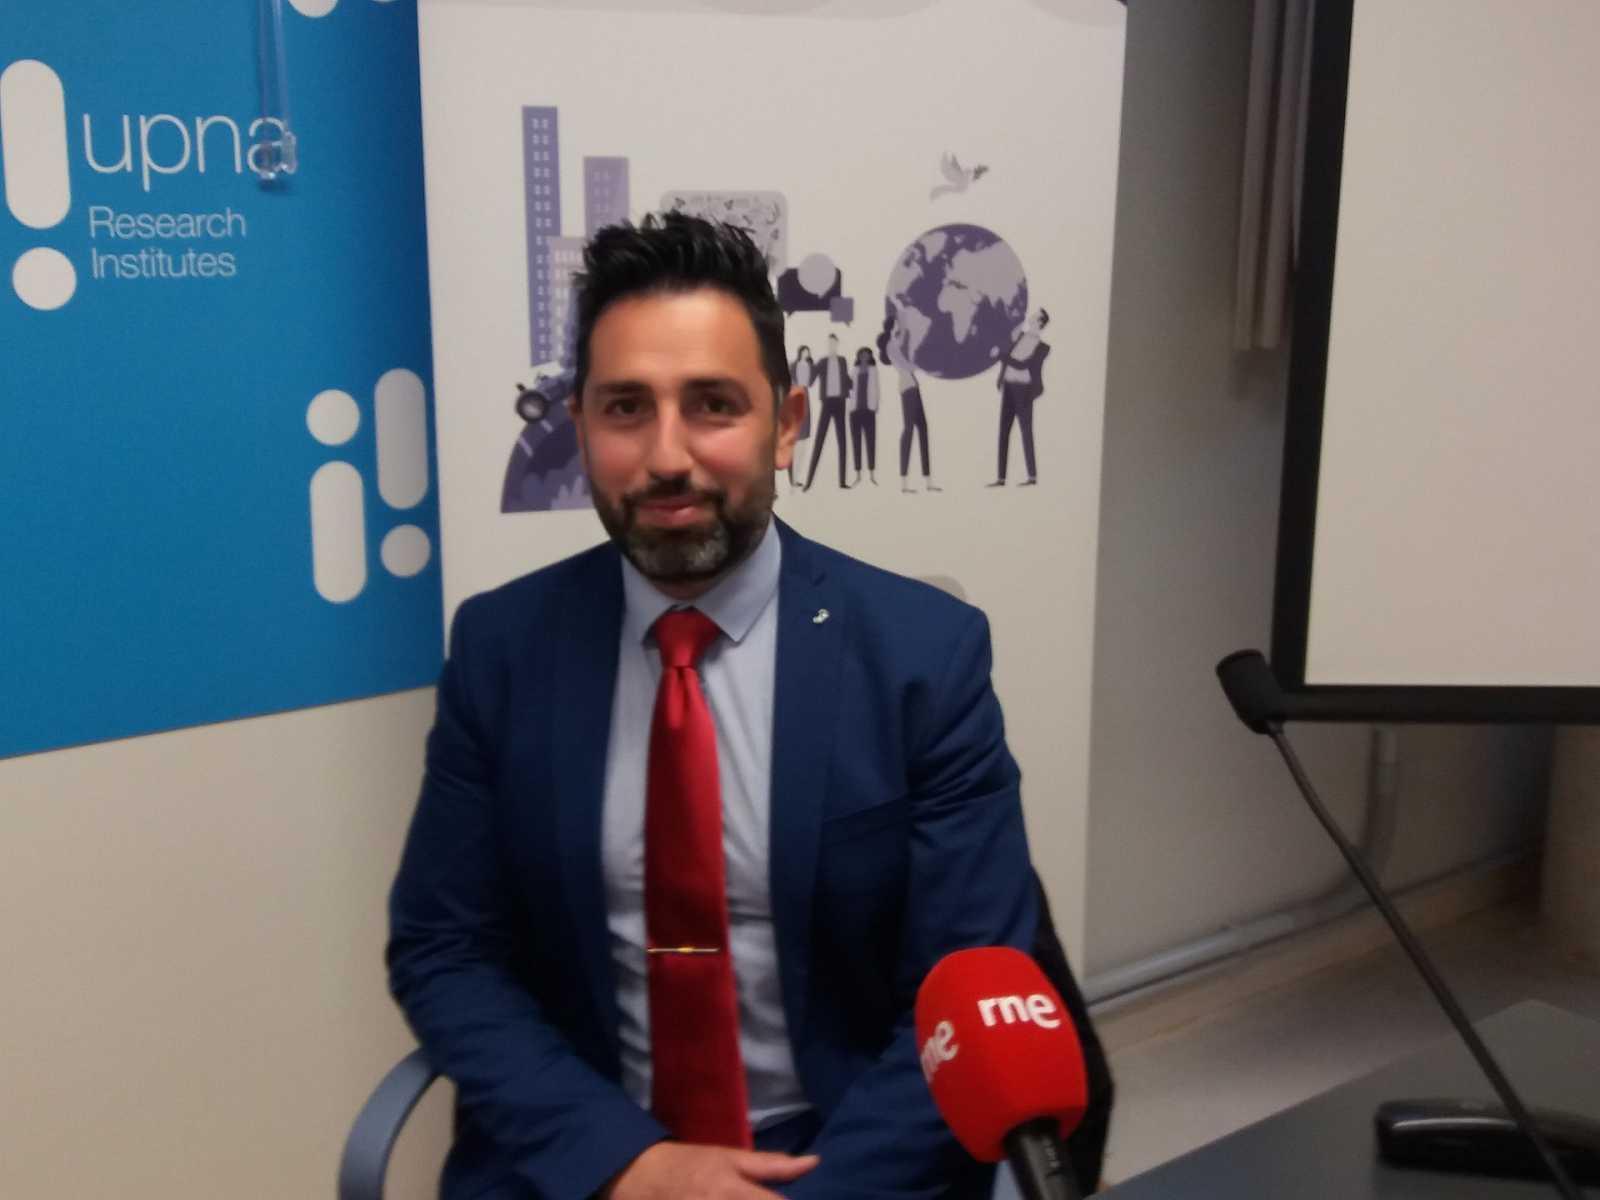 Entrevista Sergio Garcia LA RADICALIZACIÓN DE LA VIOLENCIA 1574492 2021-05-26t09-02-55000 - escuchar ahora